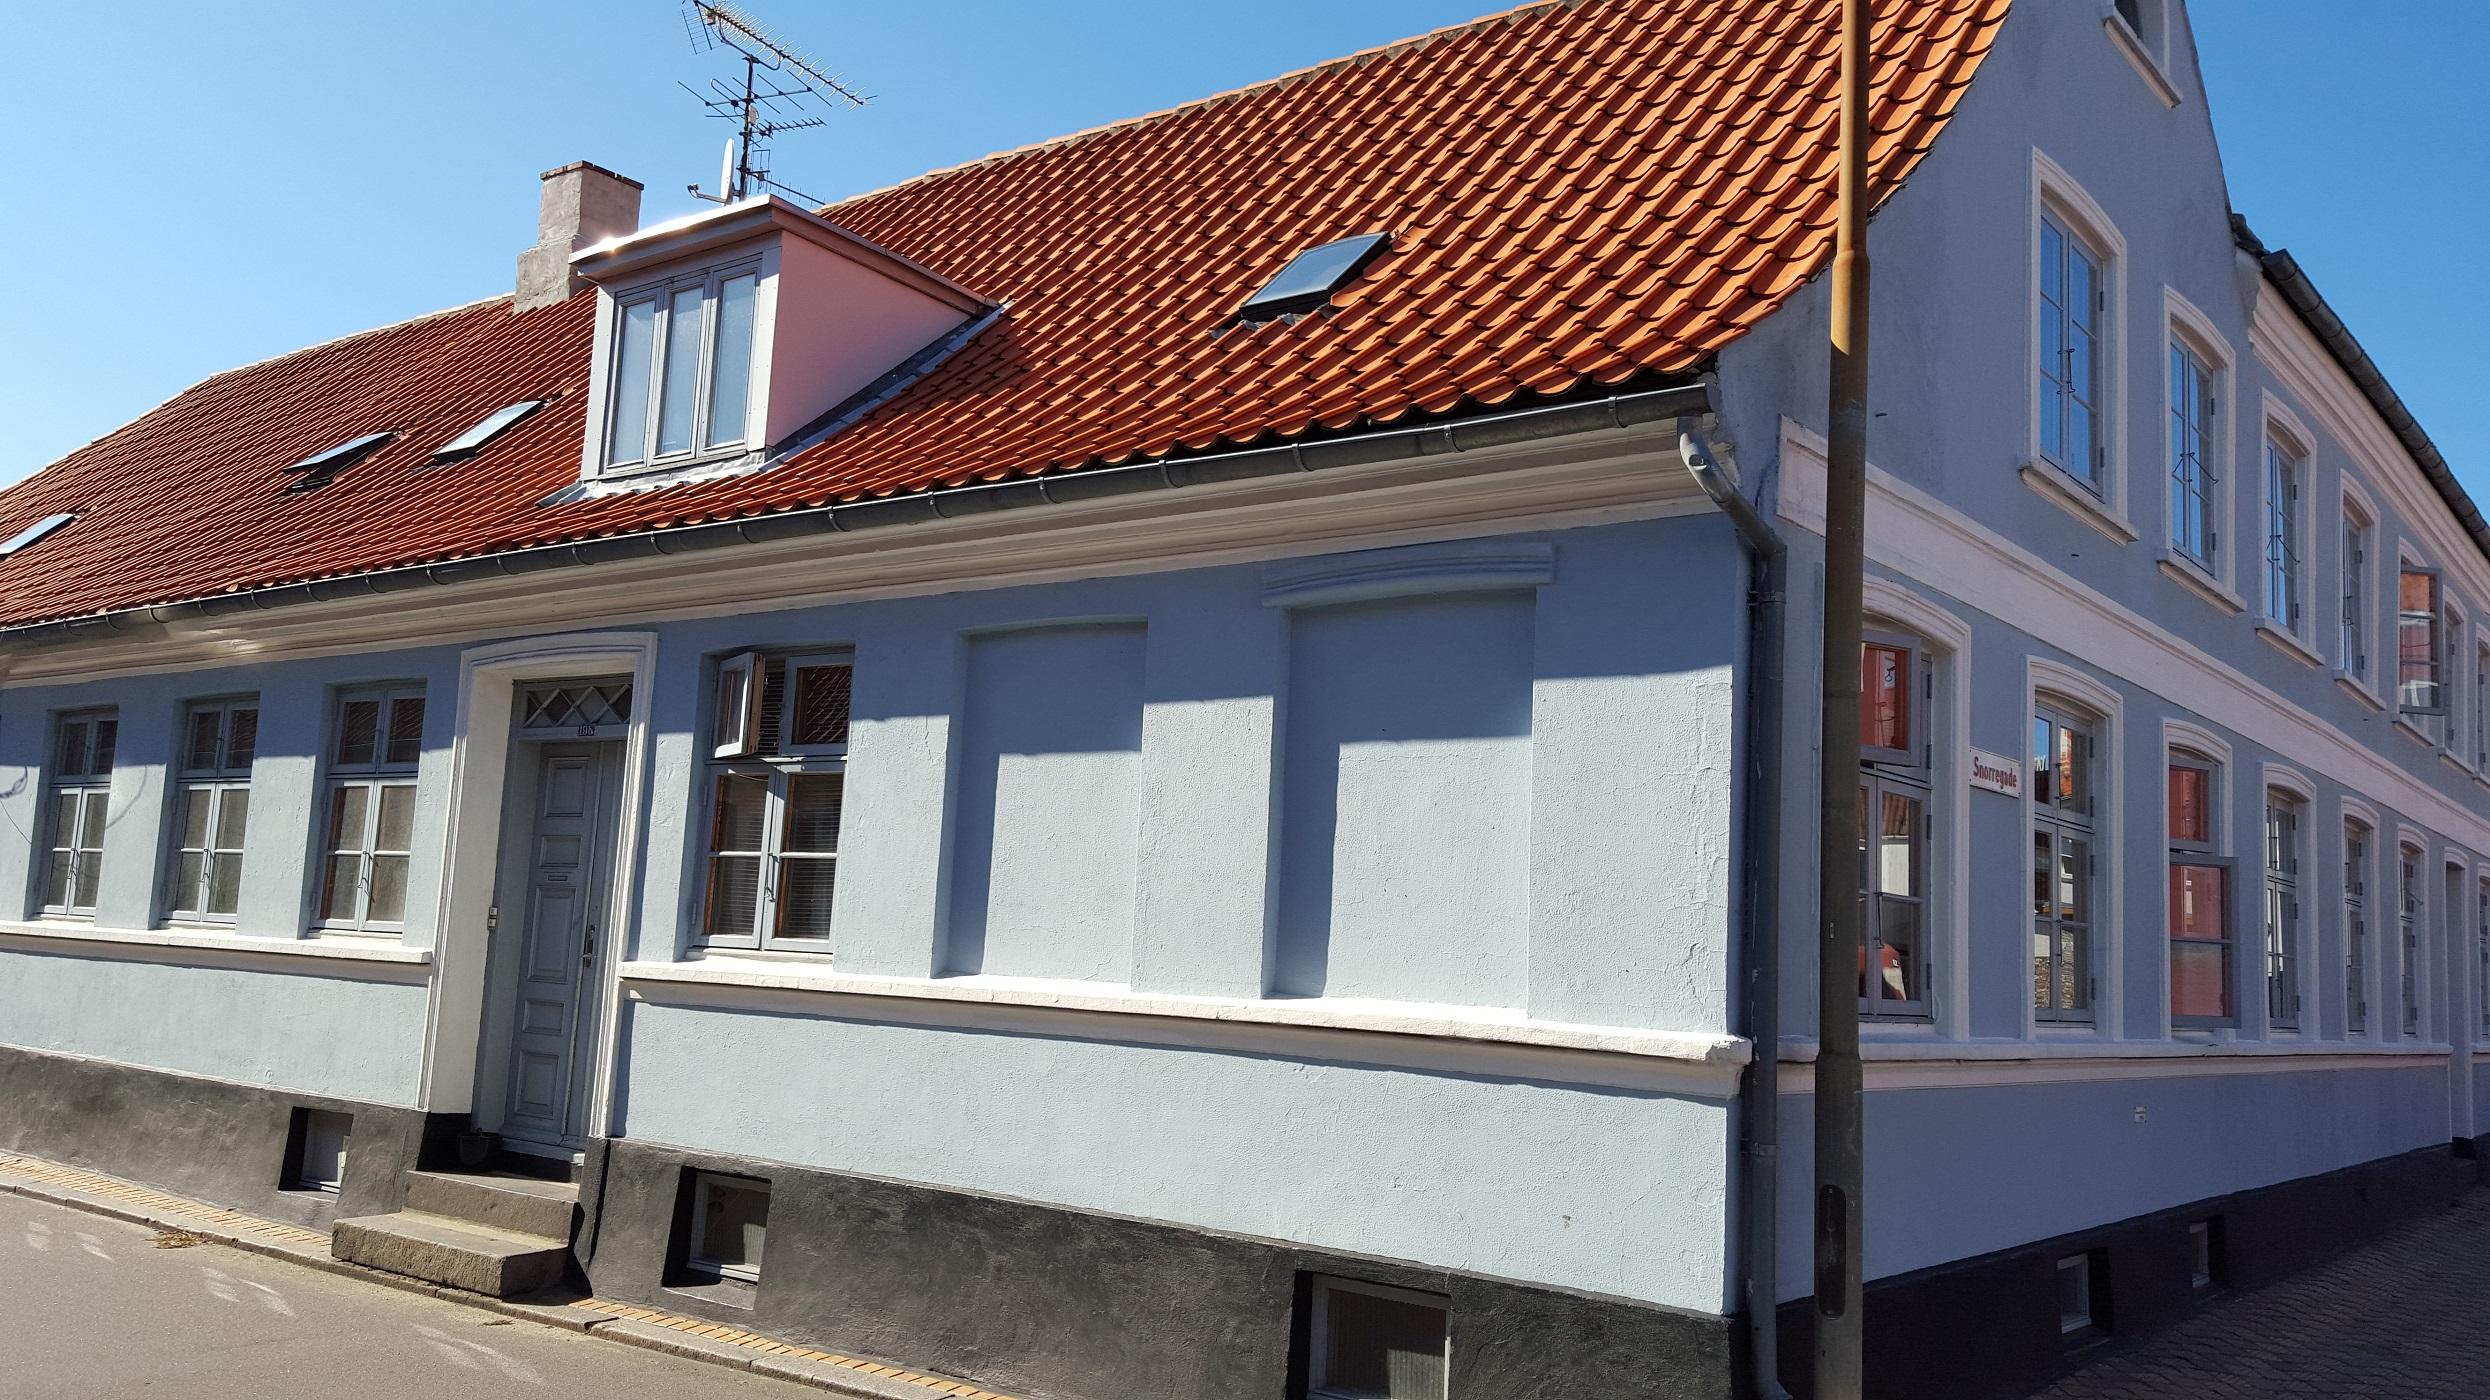 Bolig til leje rønne | Opførelse af huse fra en bar